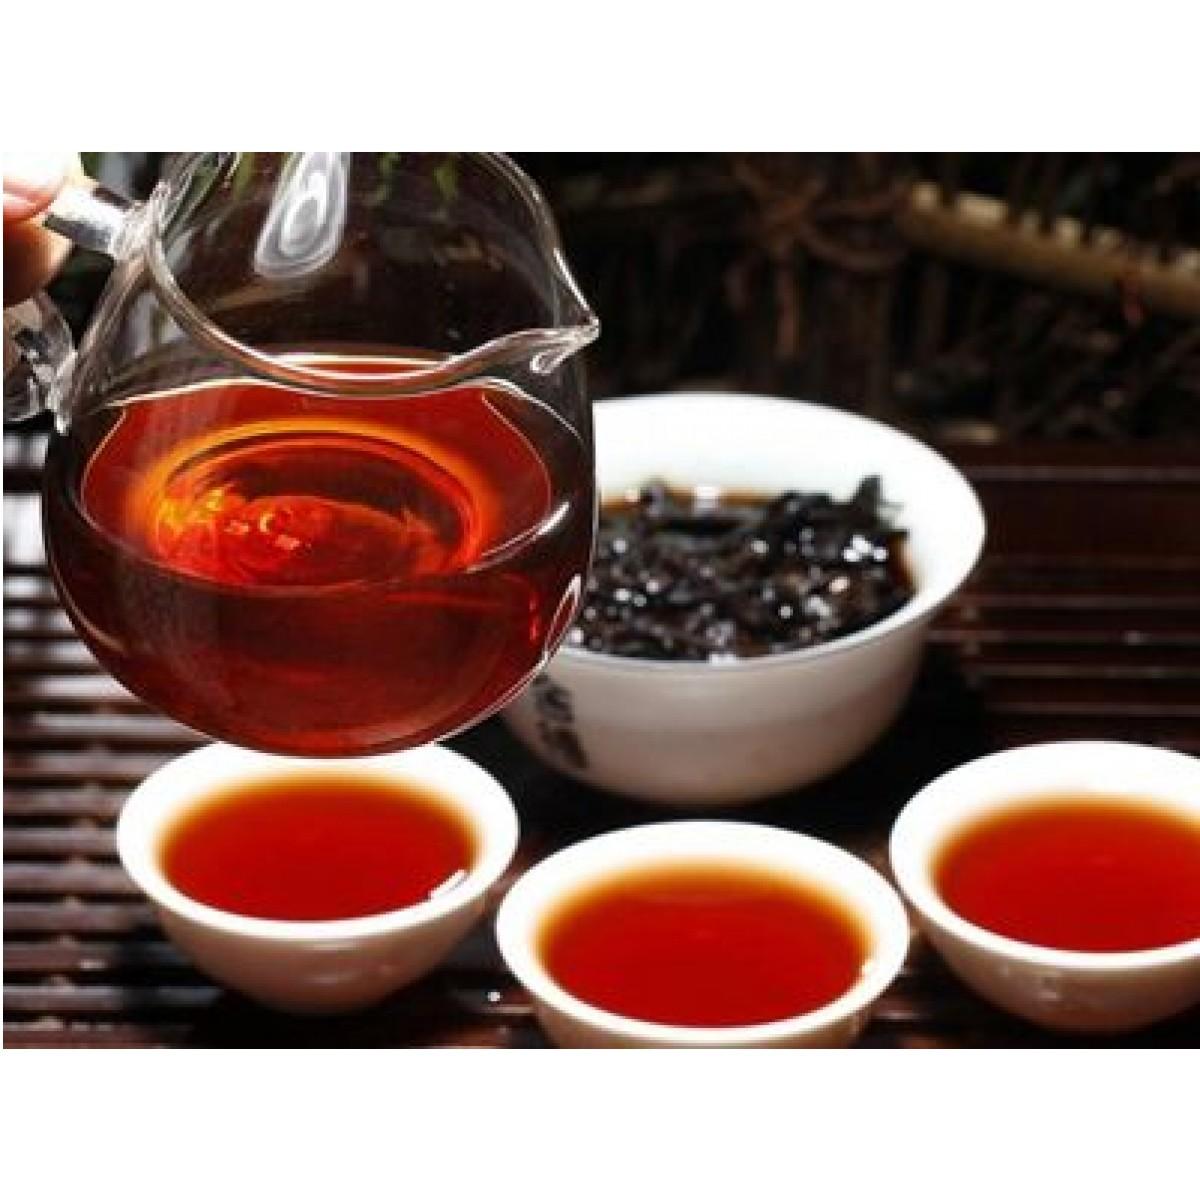 乌龙茶茶饮_红茶茶饮料预订-北京市屋塔餐饮管理有限公司